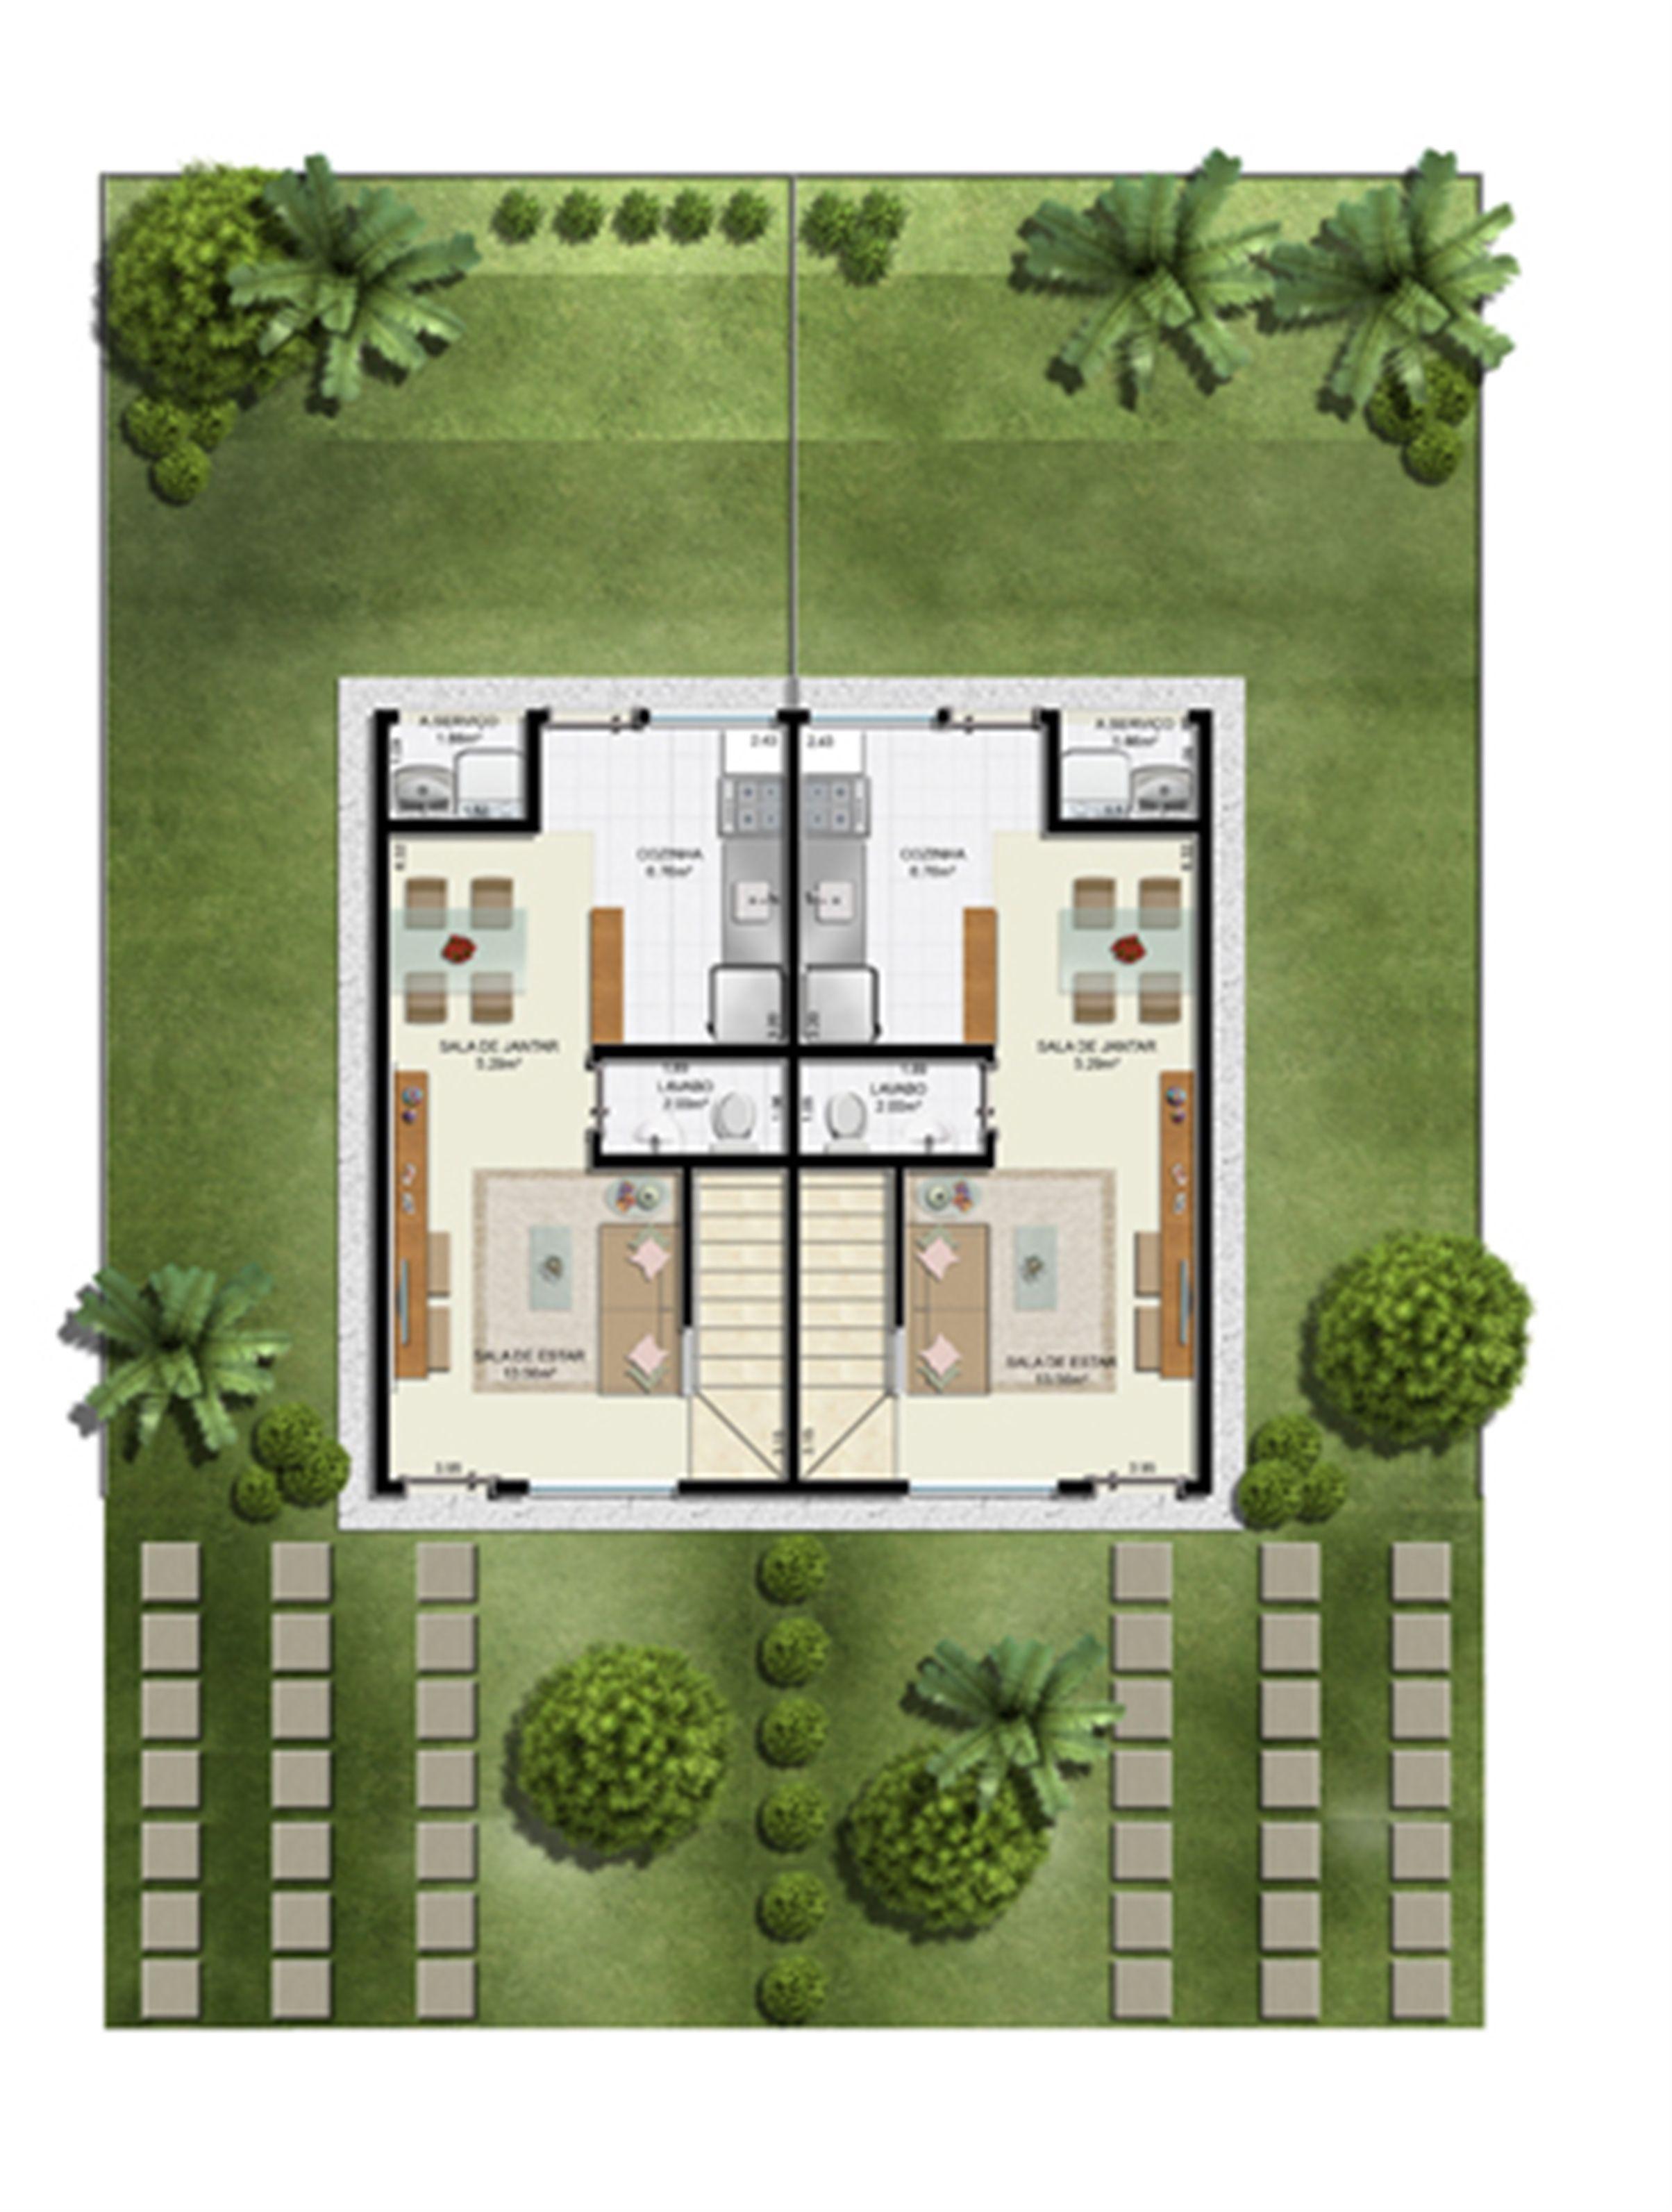 Planta:  | Casas do Bosque - Casa no Cají - Lauro de Freitas BA